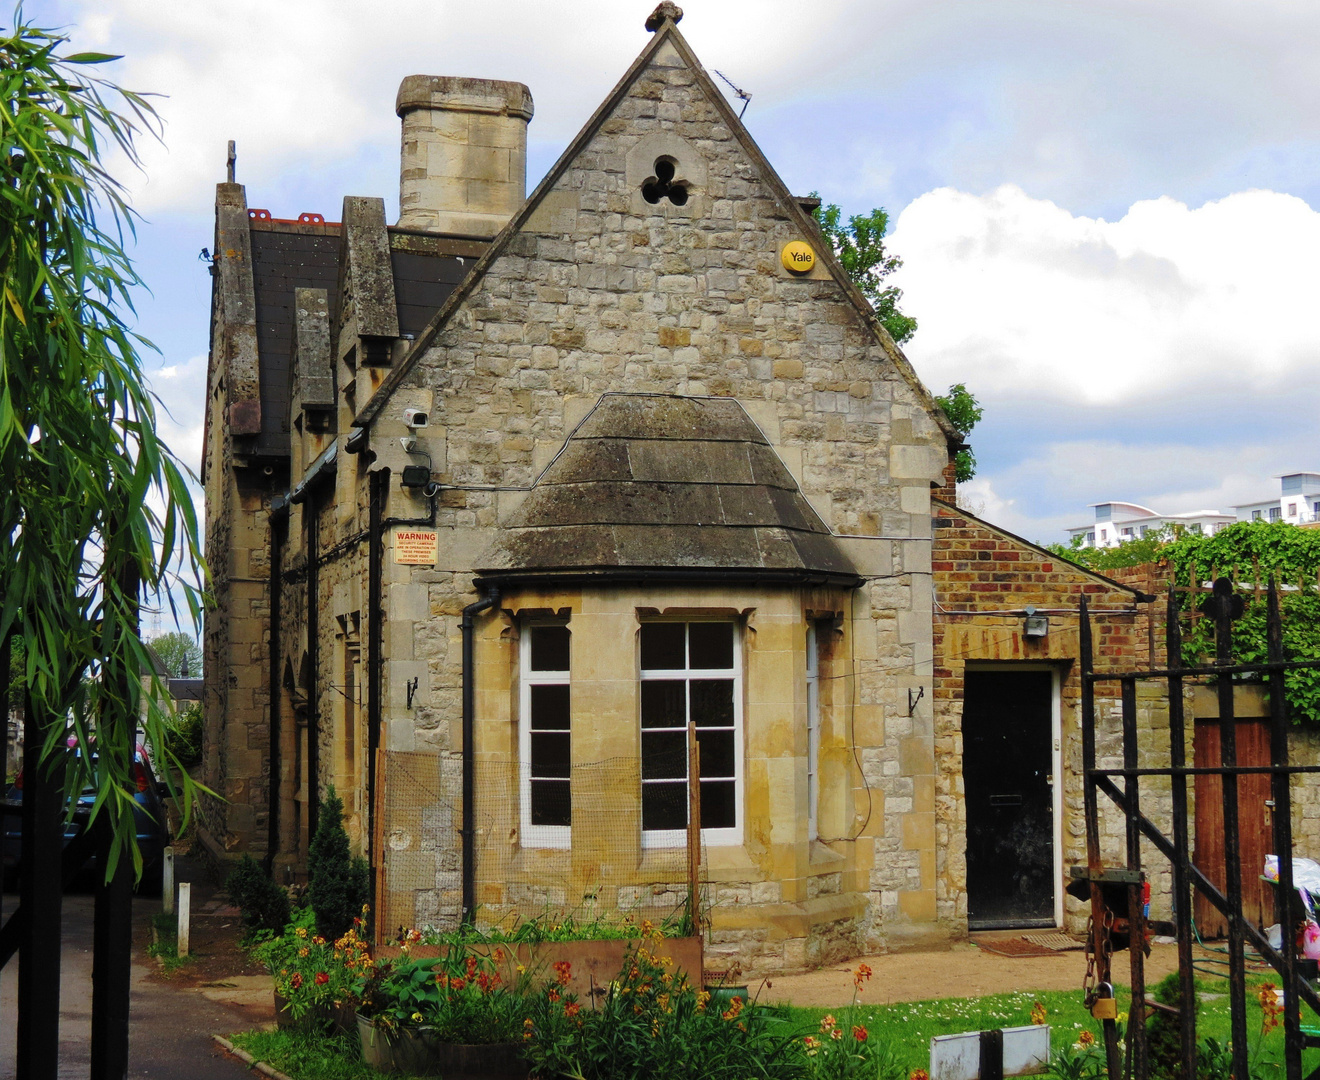 Das Cottage - Very britisch